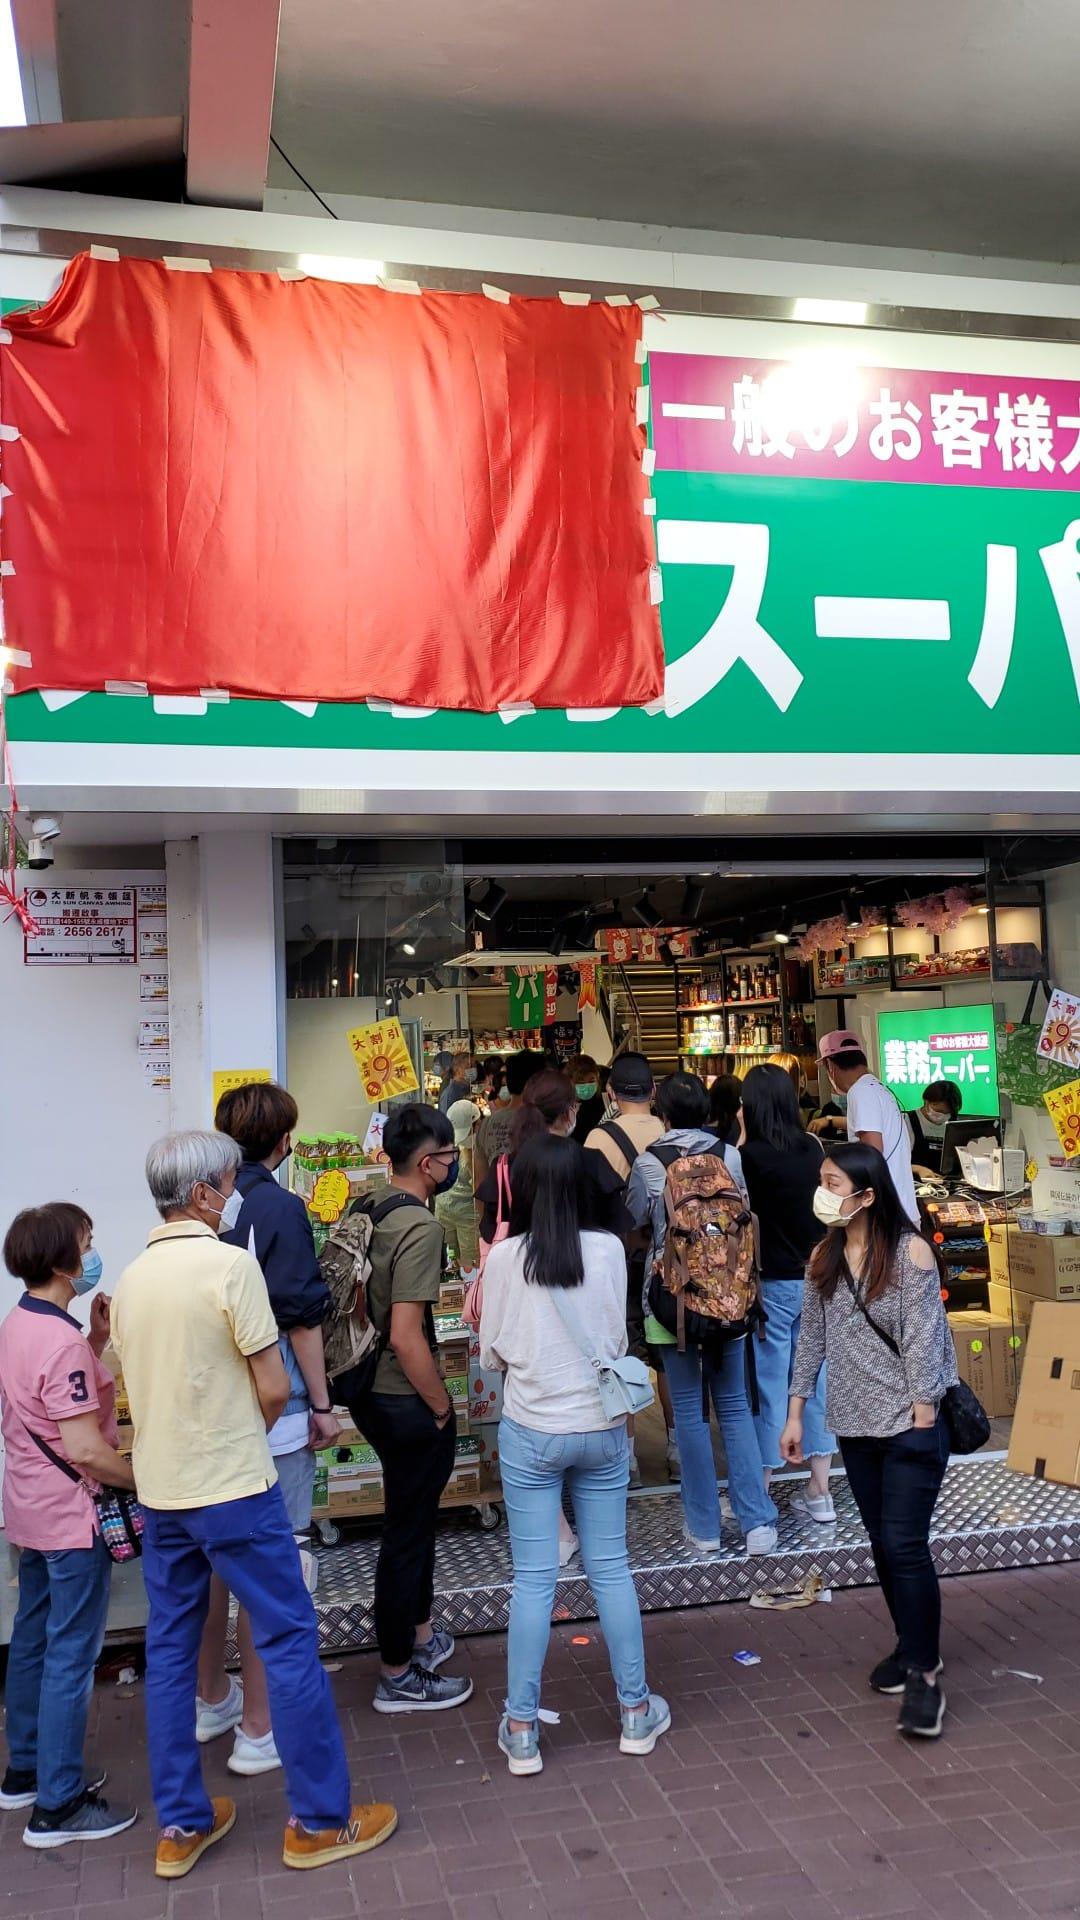 大埔業務超市被質疑賣假貨